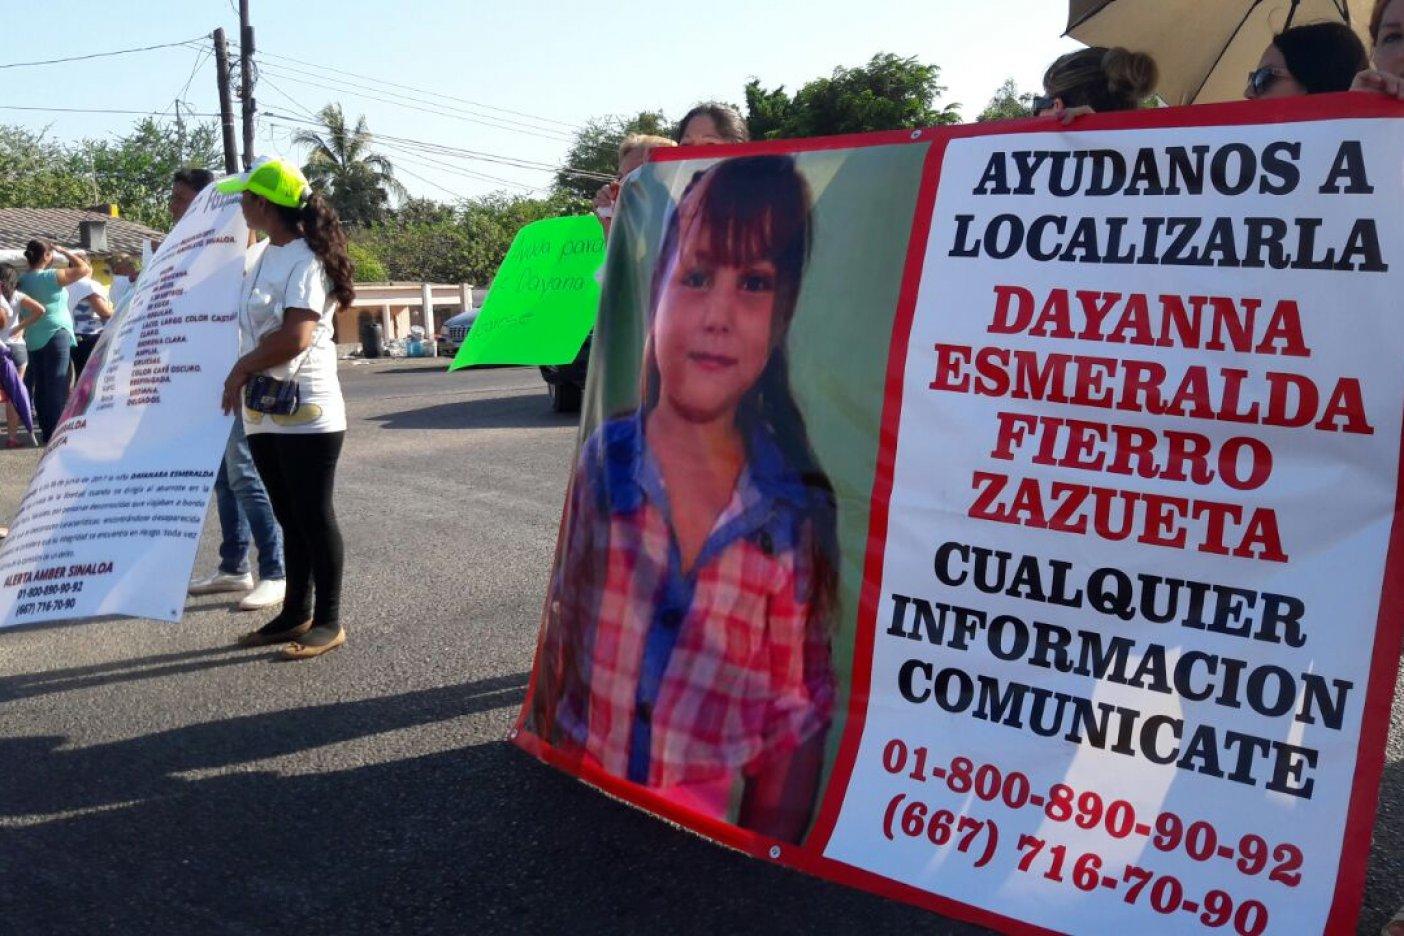 Tras 4 meses de su rapto Fiscalía reporta asesinato de Dayana tenía 5 años